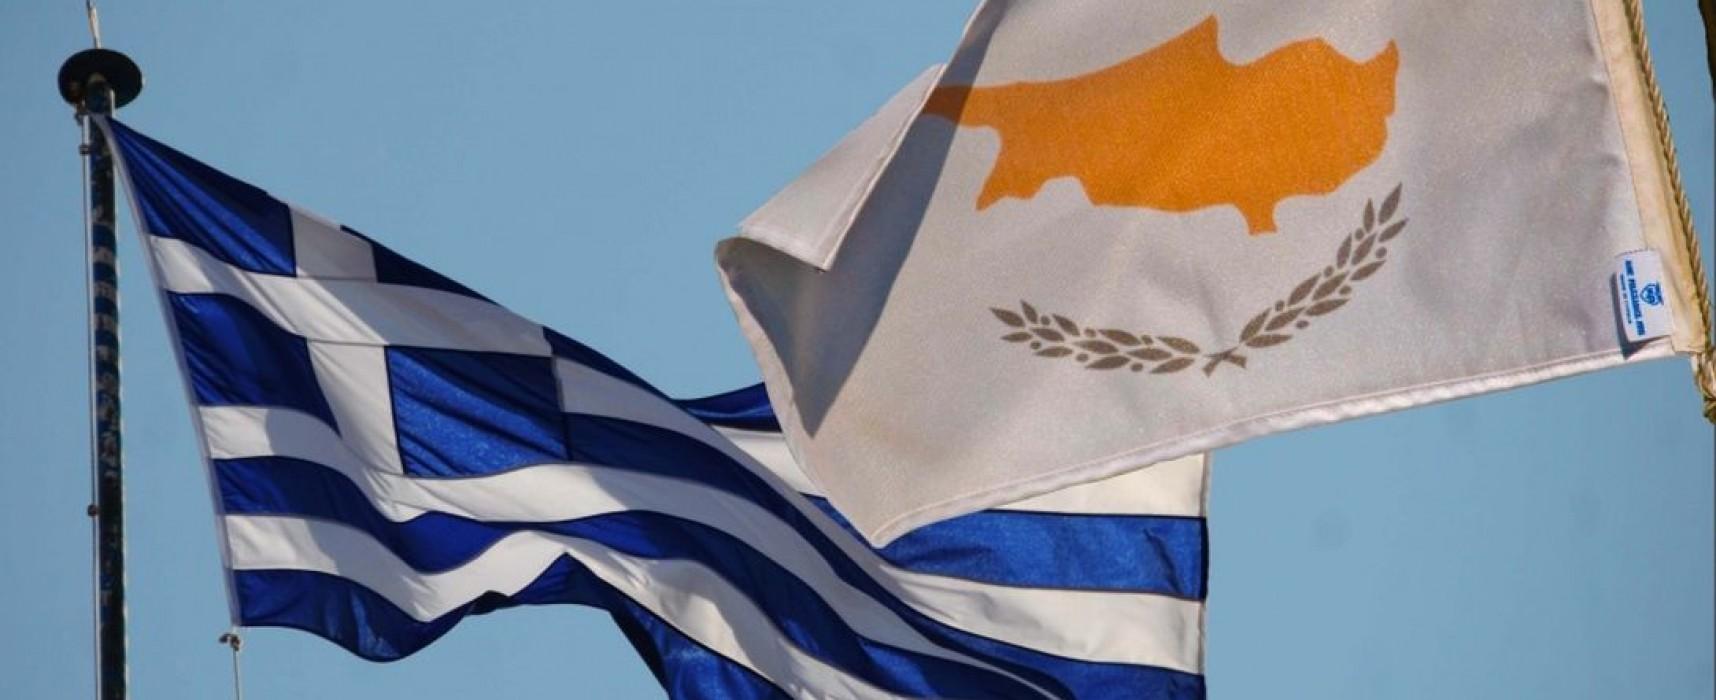 """Πρόσκληση της Κυπριακής Ομοσπονδίας Τοξοβολίας για τον αγώνα Cyprus International Archery Cup """"APHRODITE 2017"""""""